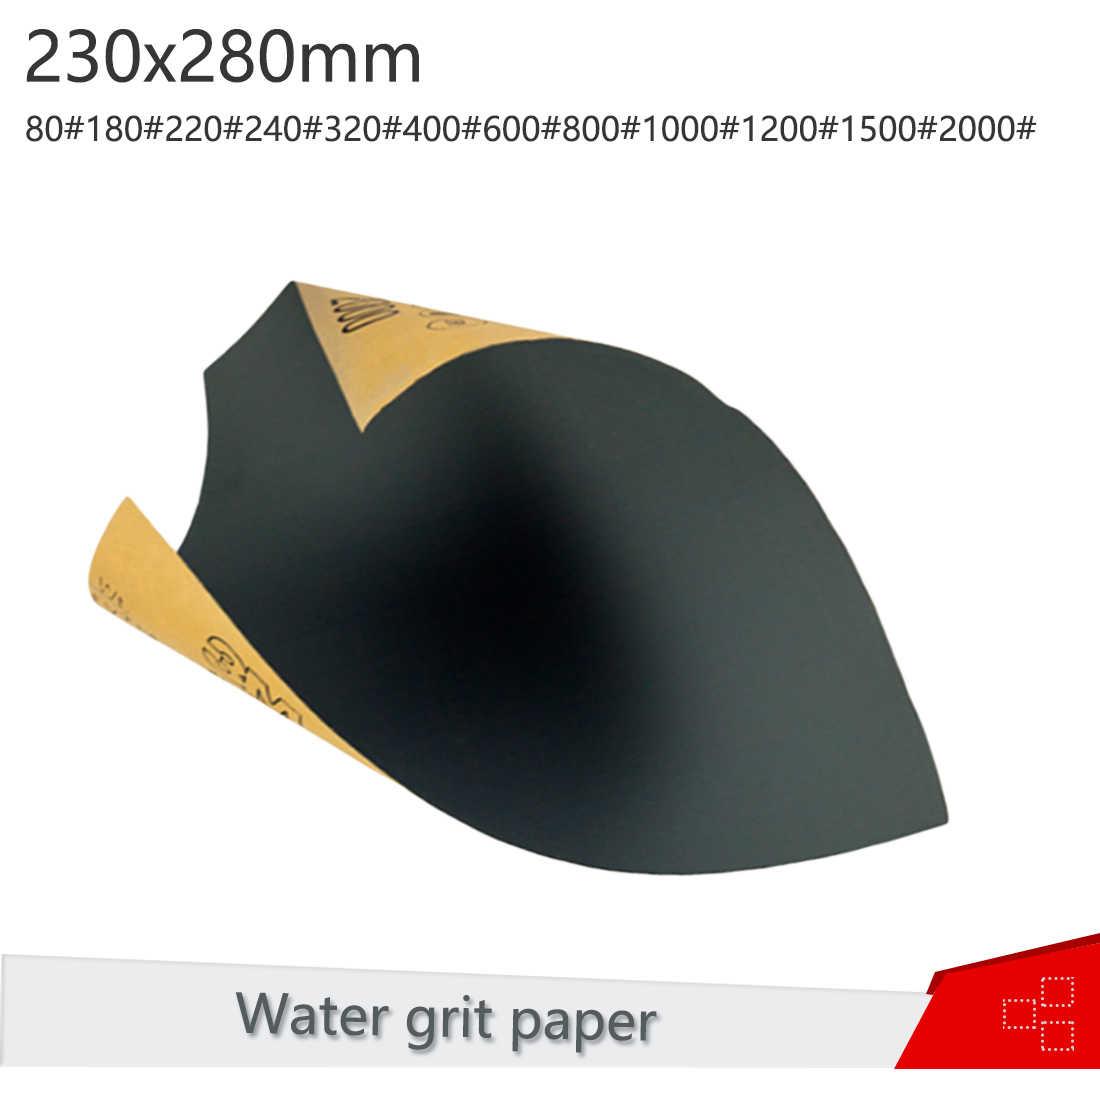 Wet Dry Areia Ferramenta De Madeira de Grãos 80-2000 Folha de Acabamento de Superfície De Papel Abrasivo Lixa Moer Móveis Giro Polonês Lustrando